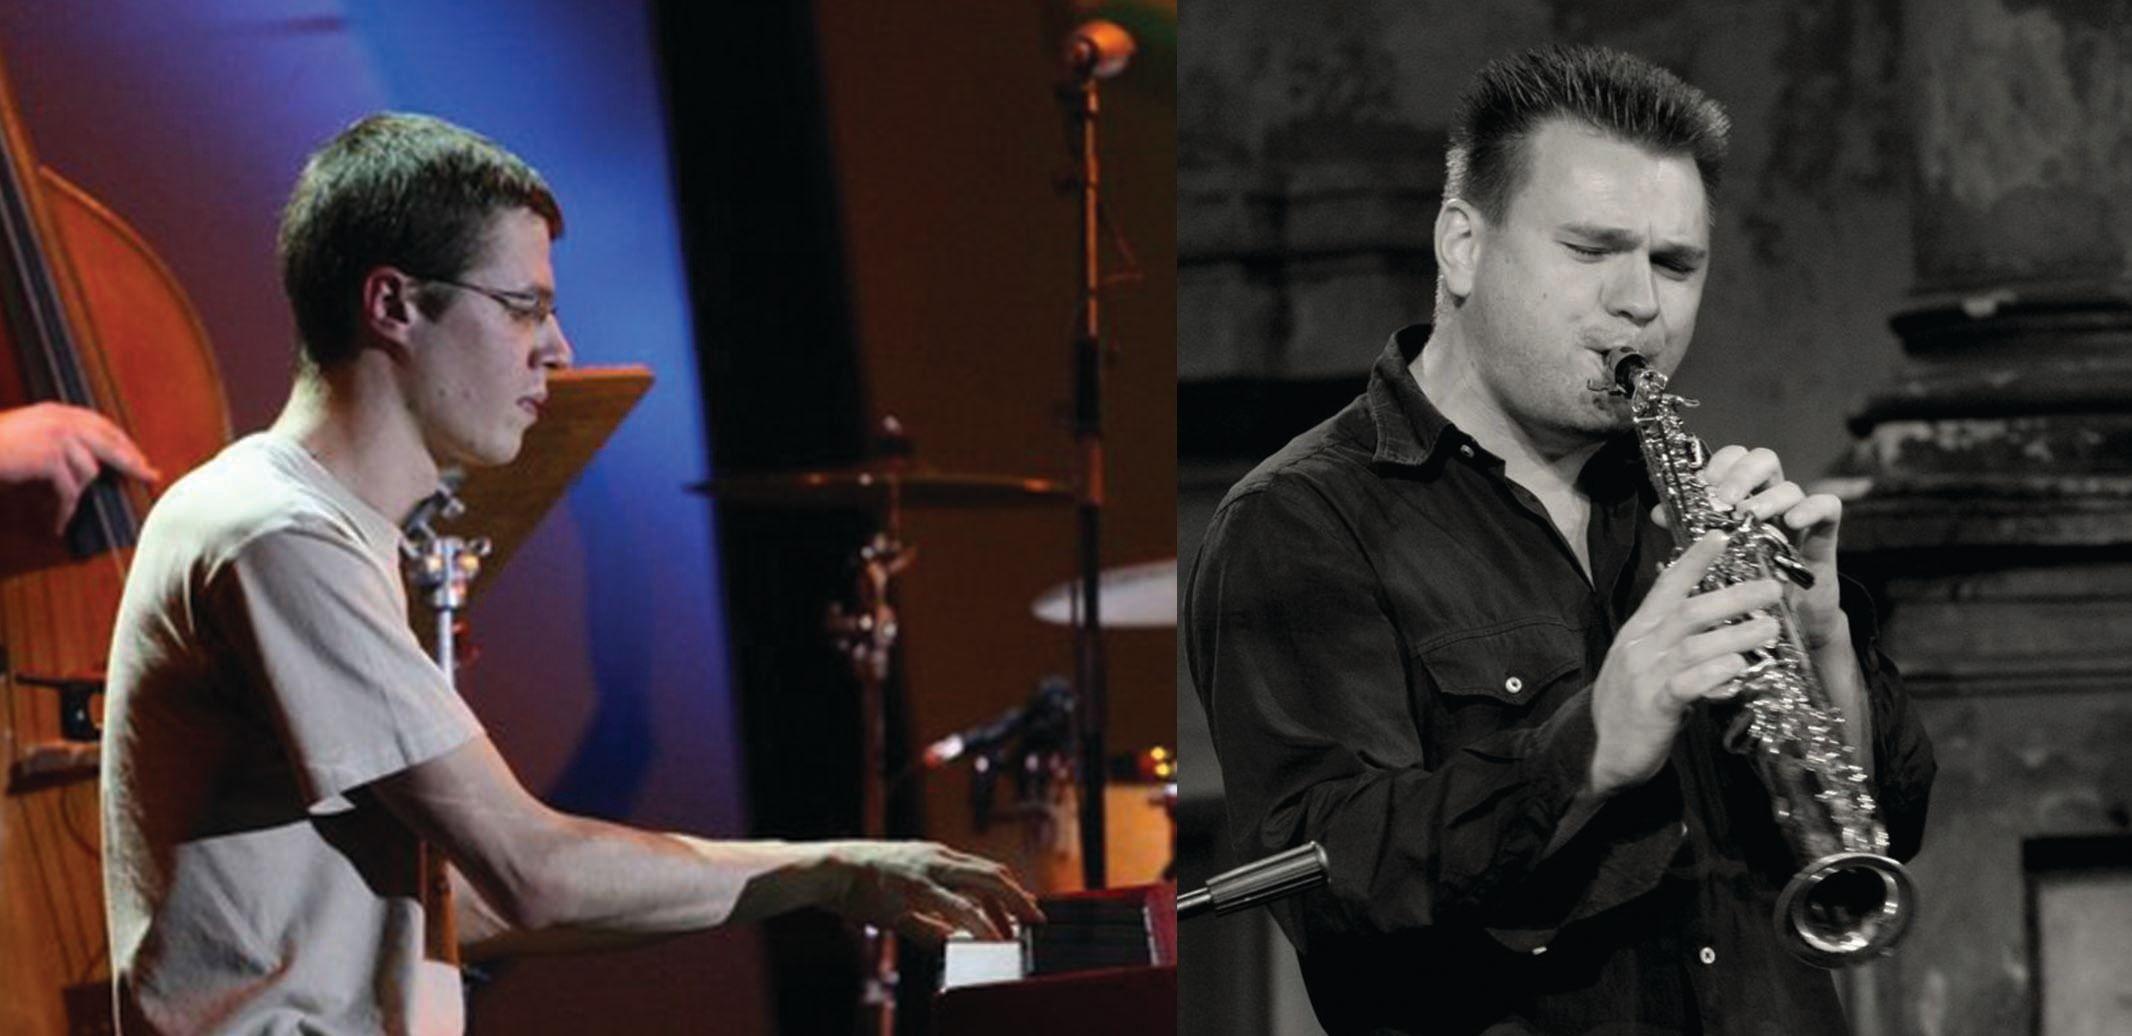 Džiazo duetas Jan Maksimovič (saksofonas) ir Dmitrij Golovanov (fortepijonas)